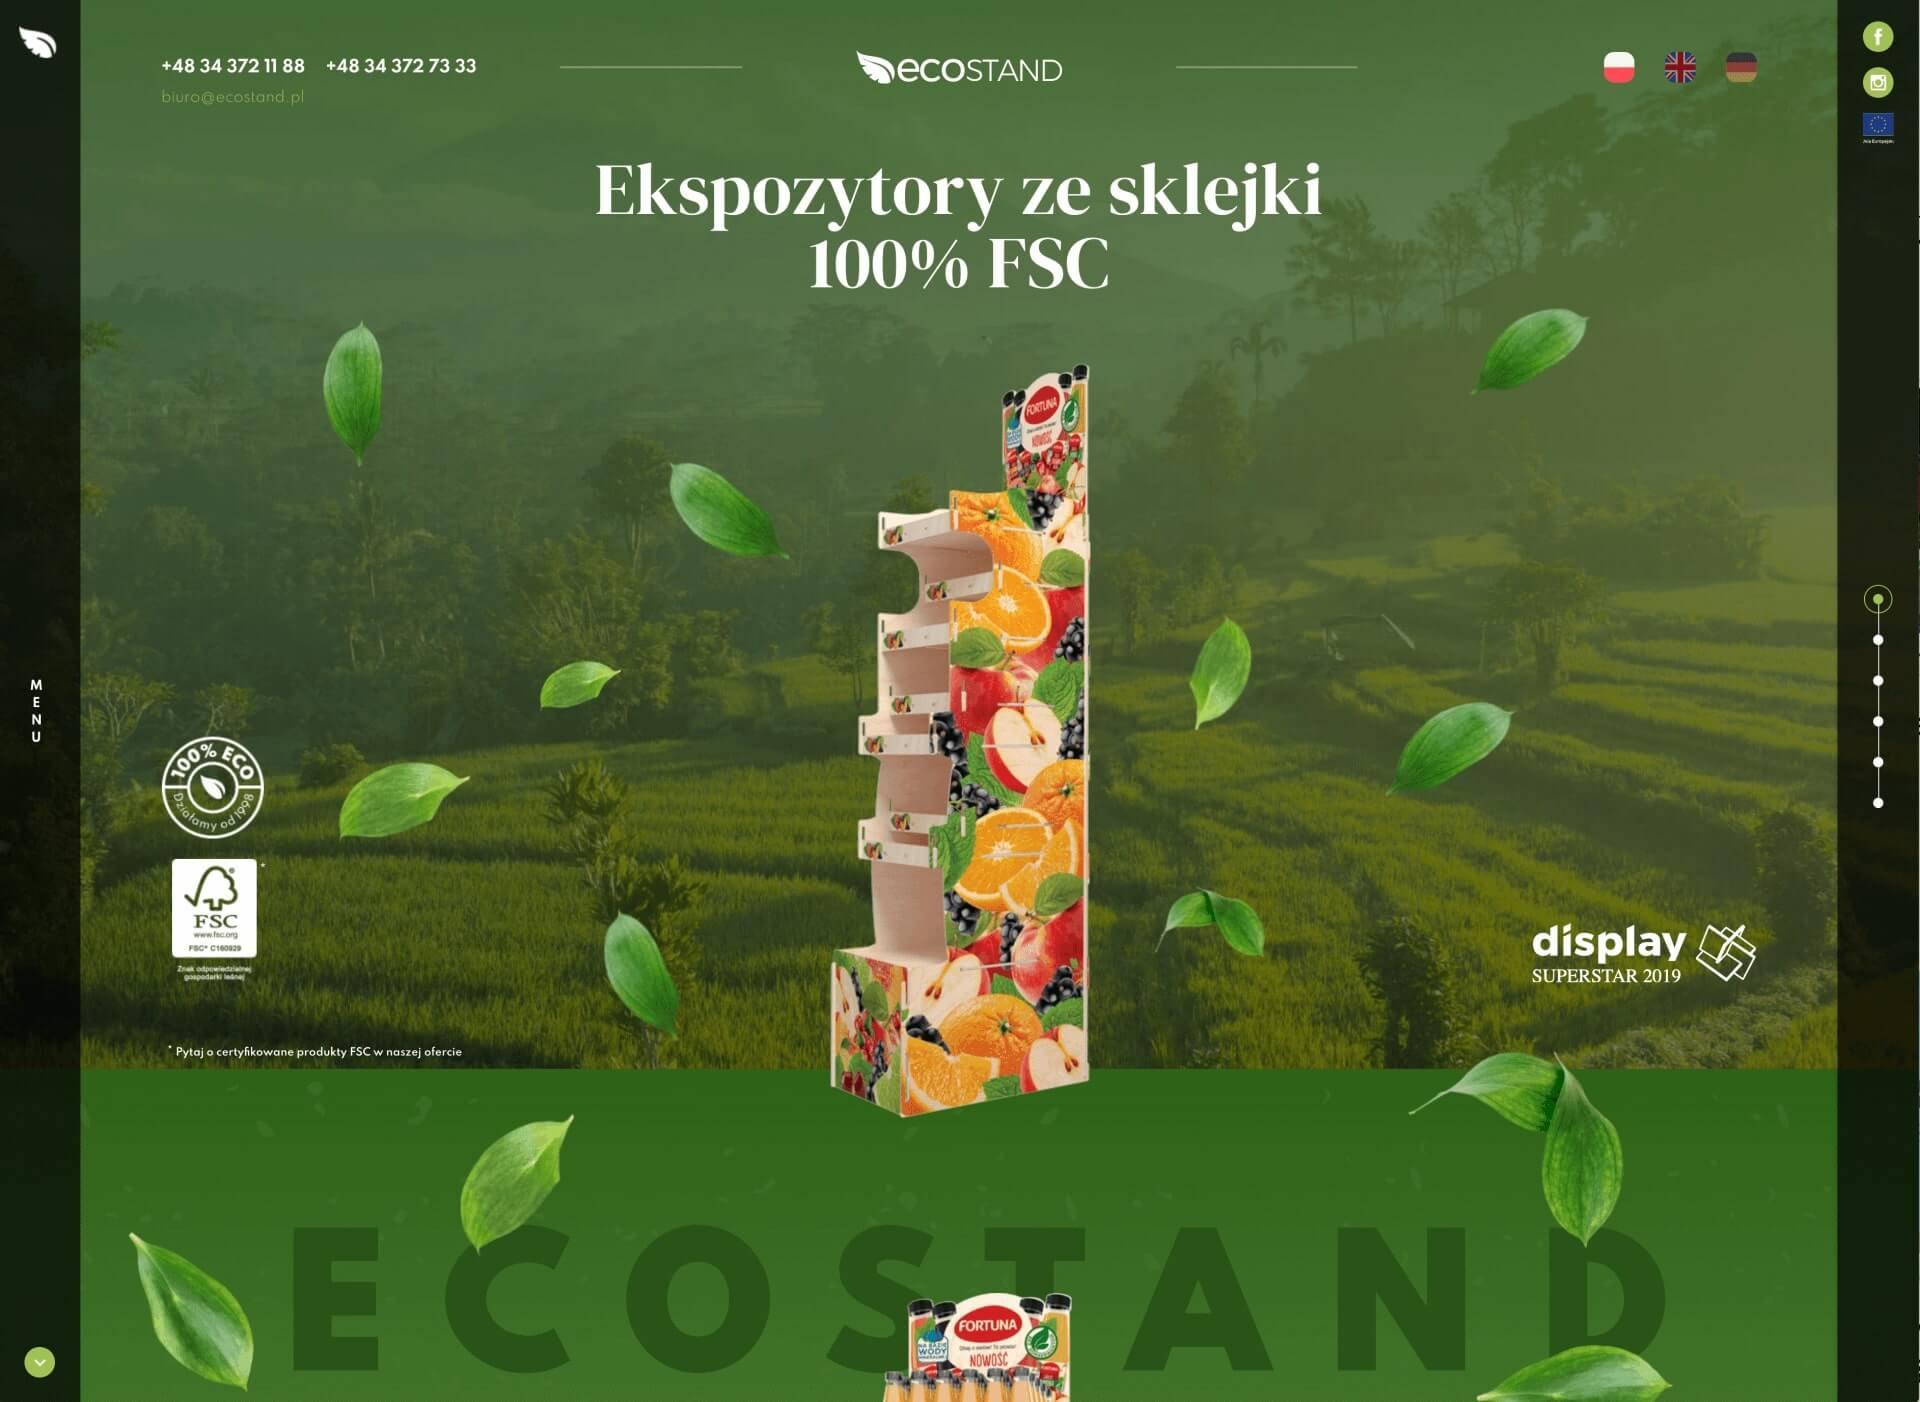 Widok strony ecostand